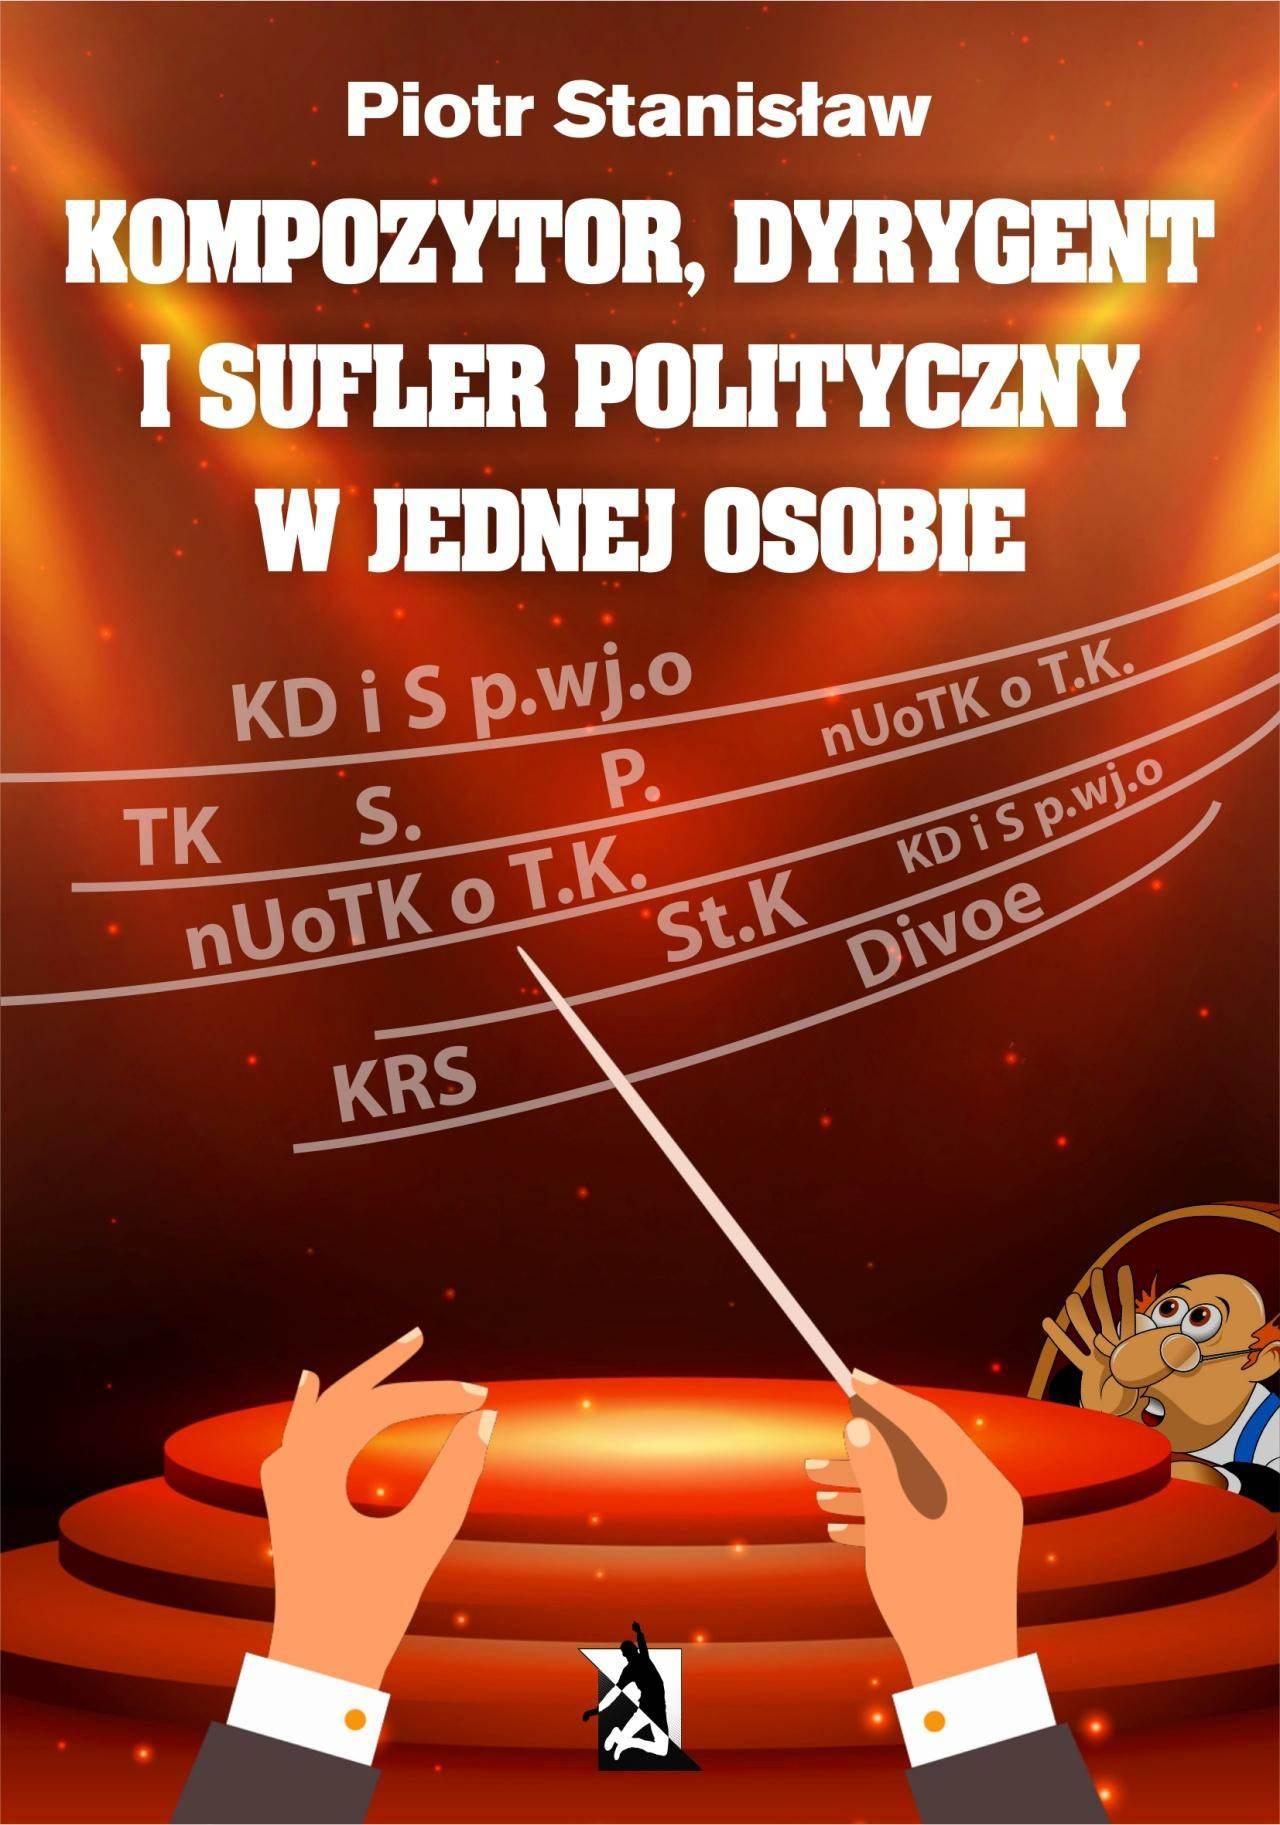 Kompozytor, dyrygent i sufler polityczny w jednej osobie - Ebook (Książka EPUB) do pobrania w formacie EPUB